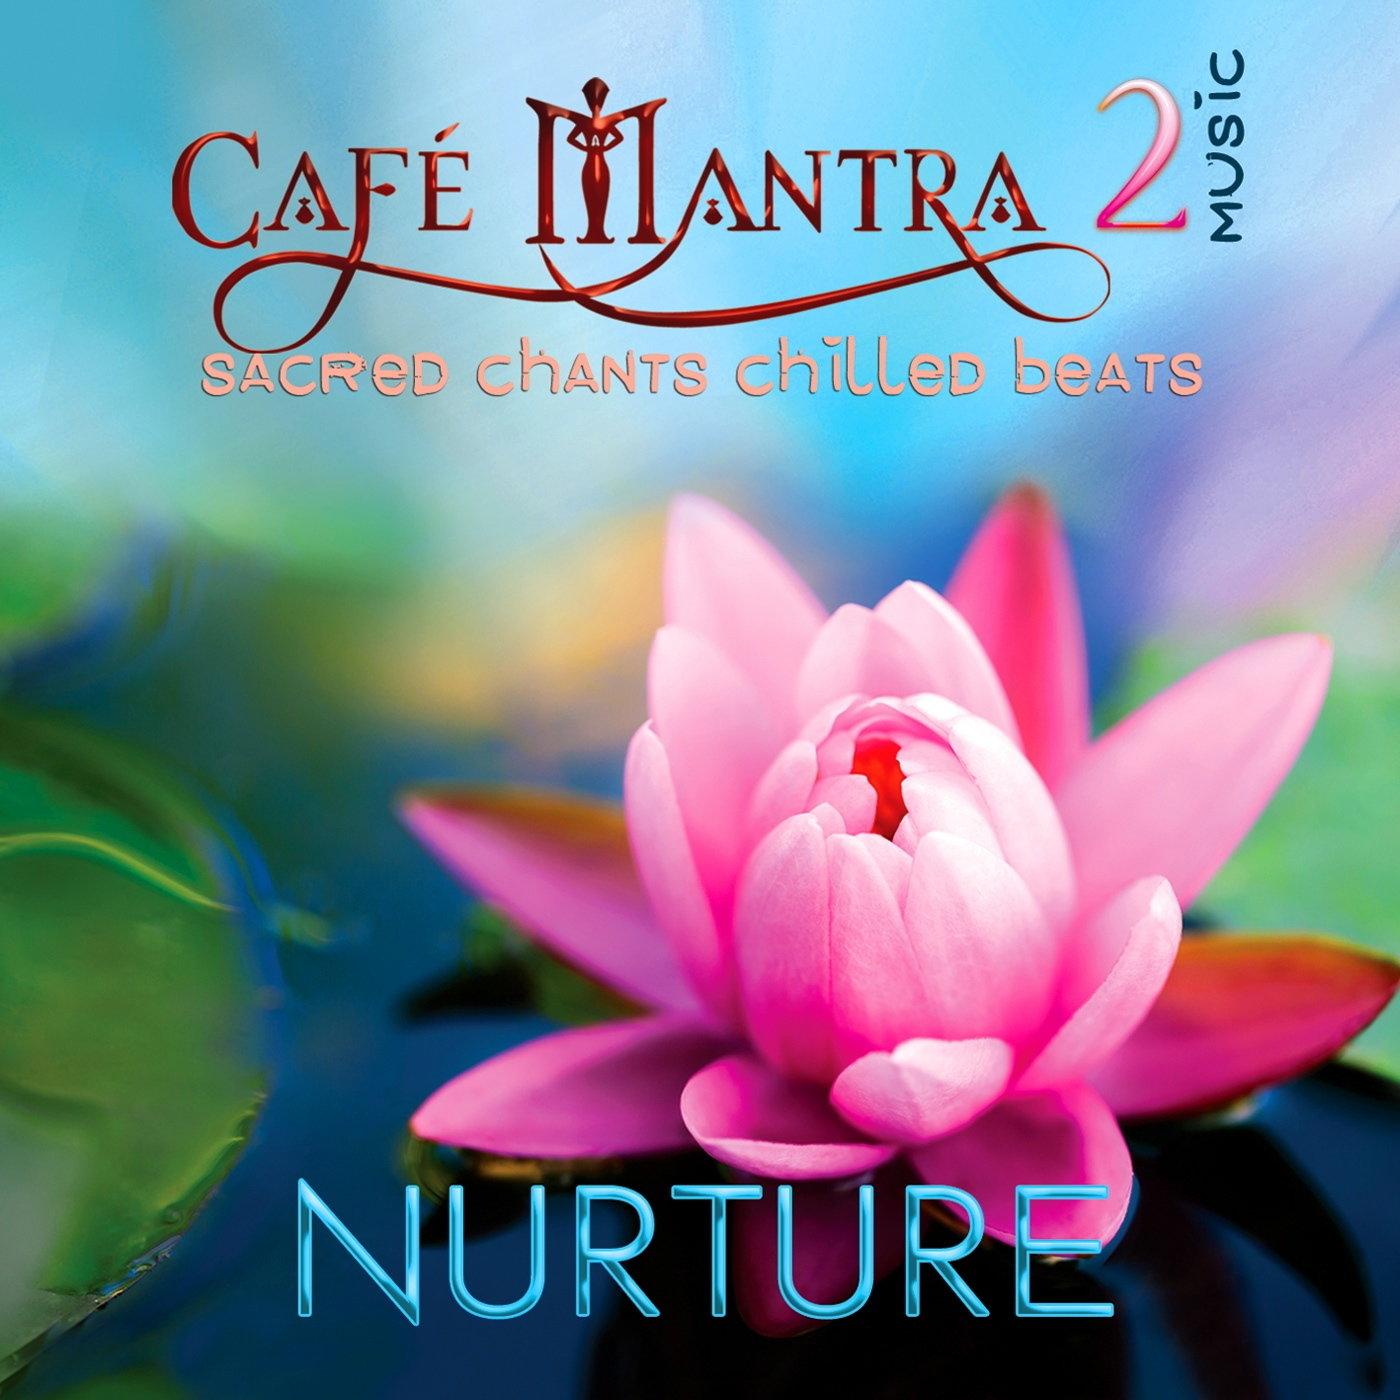 ALBUM DOWNLOAD: Cafe Mantra Music2 NURTURE 00019